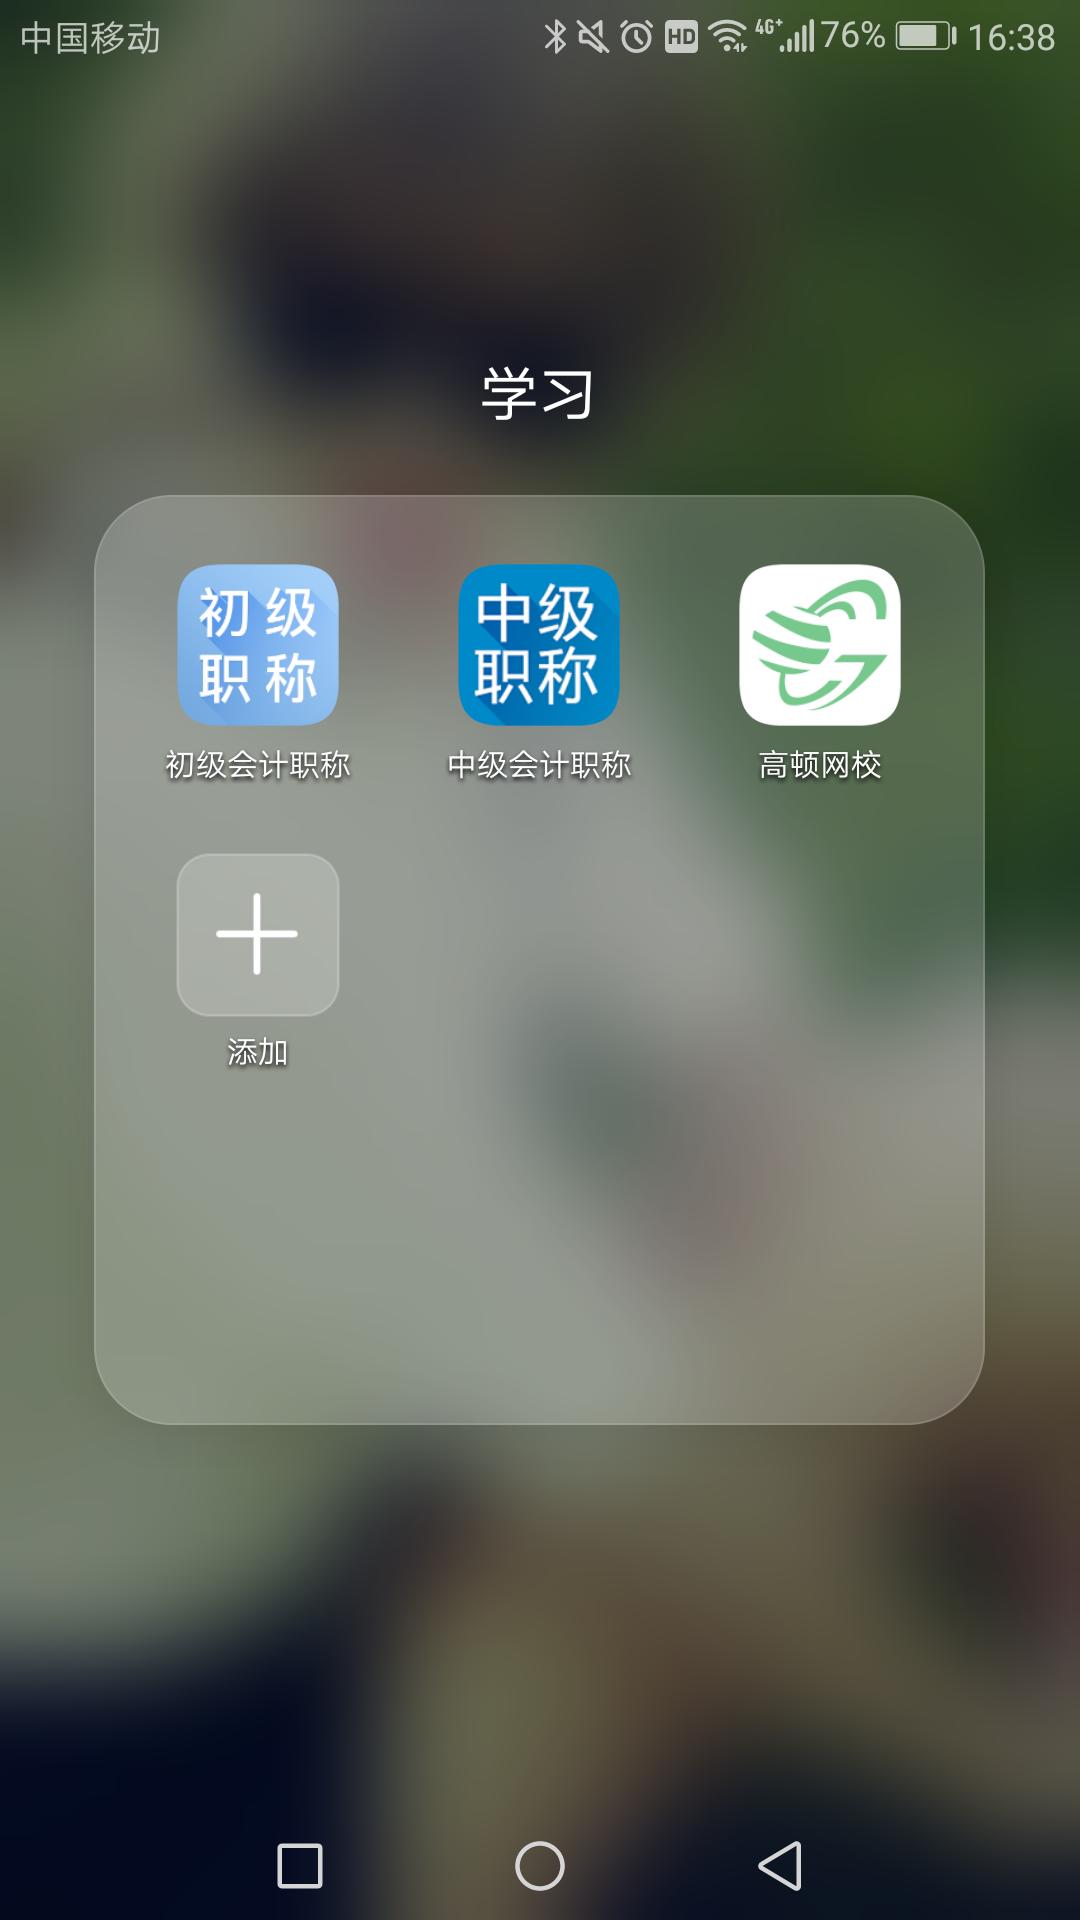 推荐一款免费的初级会计西甲皇马app?